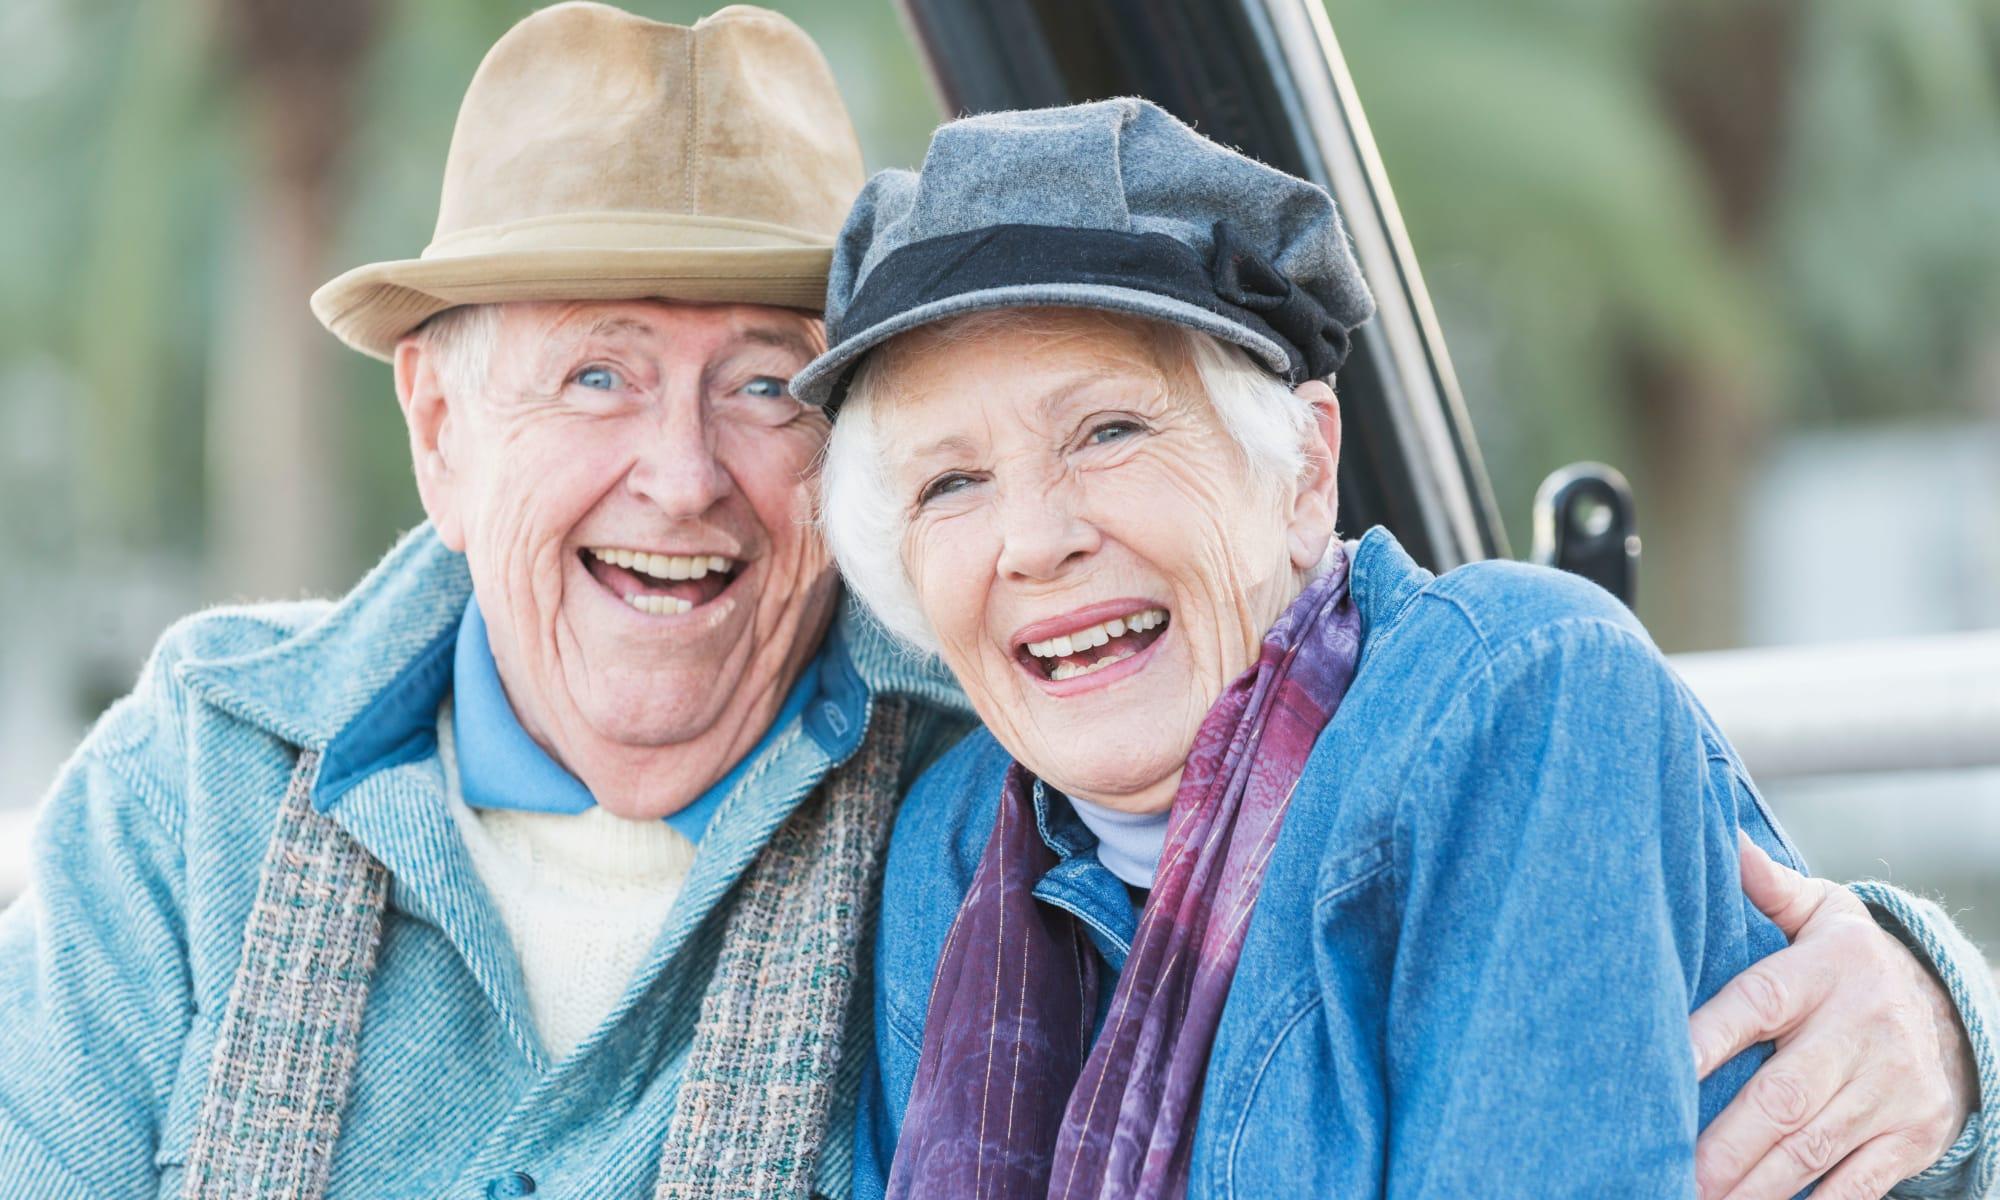 Senior living at Magnolia Court in Vacaville, California